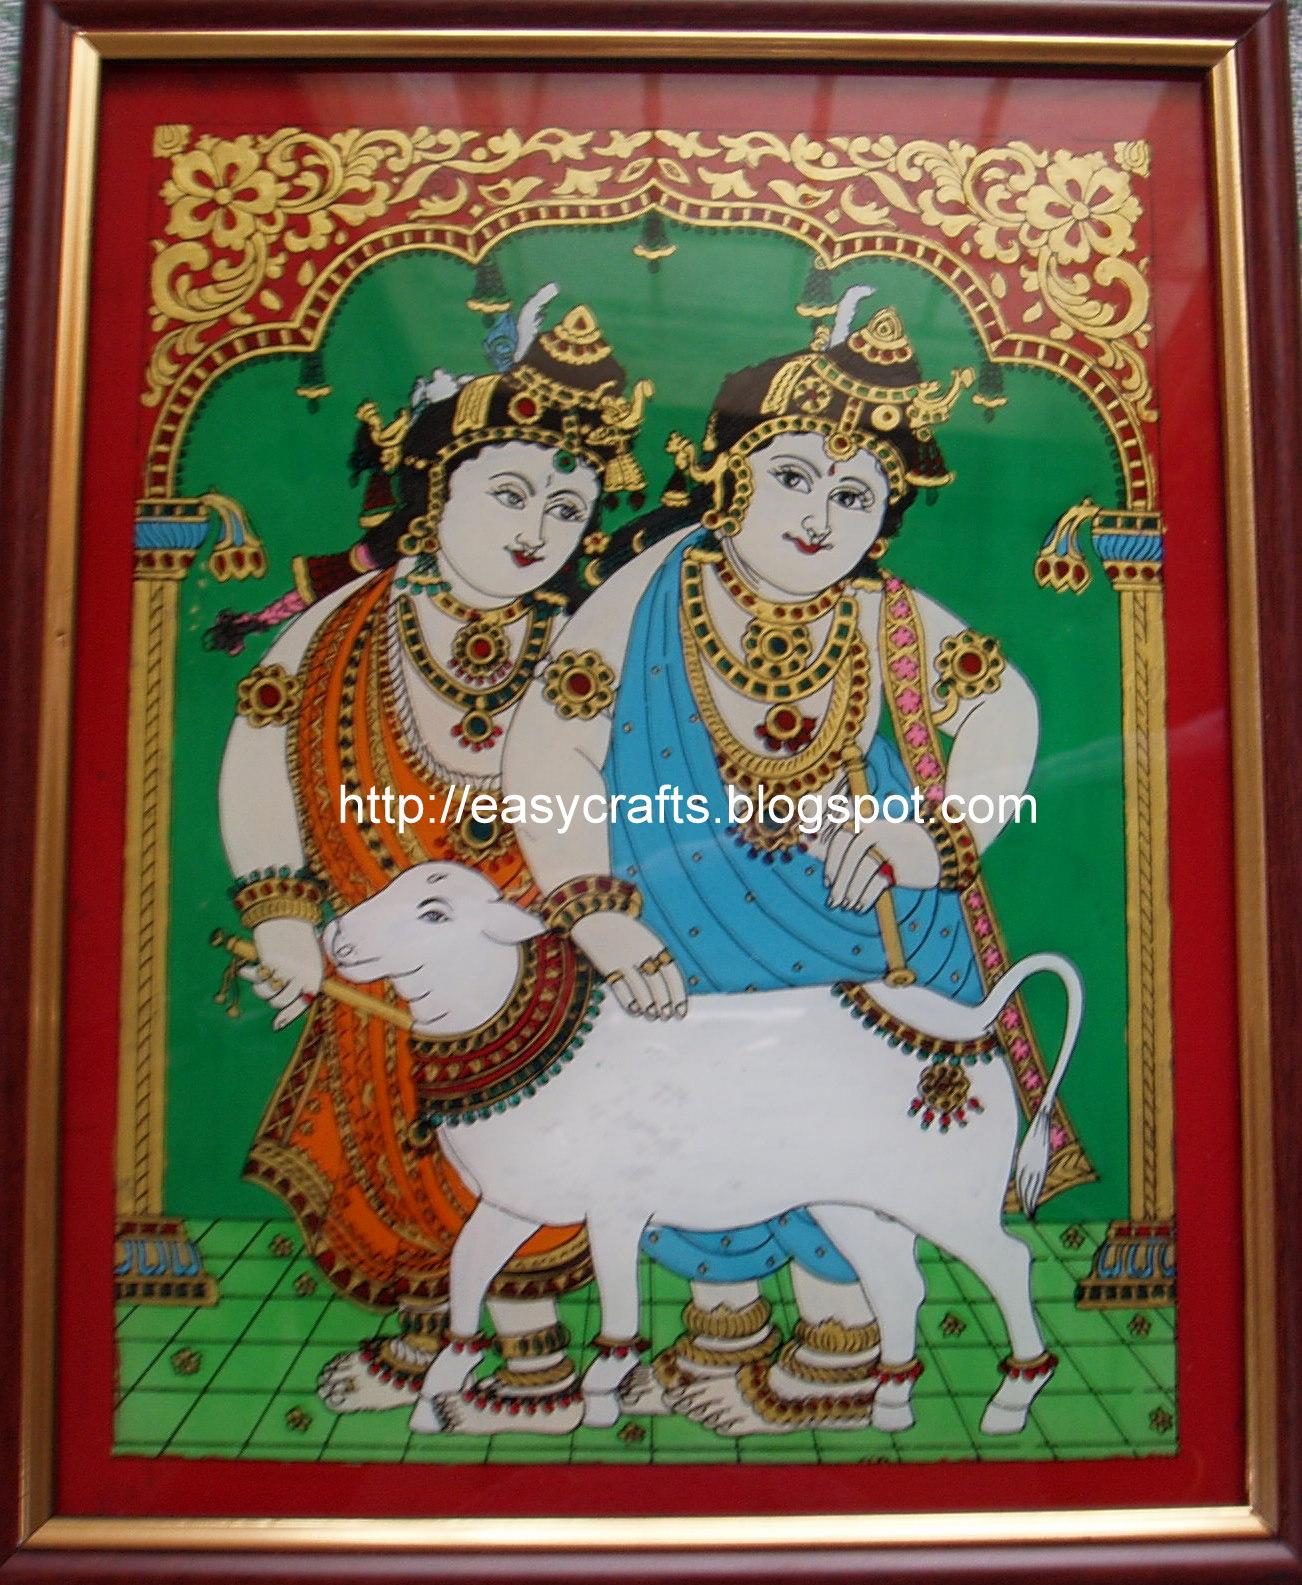 http://1.bp.blogspot.com/-8zFs6EmAQzE/TuS_63n1V_I/AAAAAAAAAFQ/sGUtnyh34Us/s1600/Radha-Krishna-with-cow.JPG